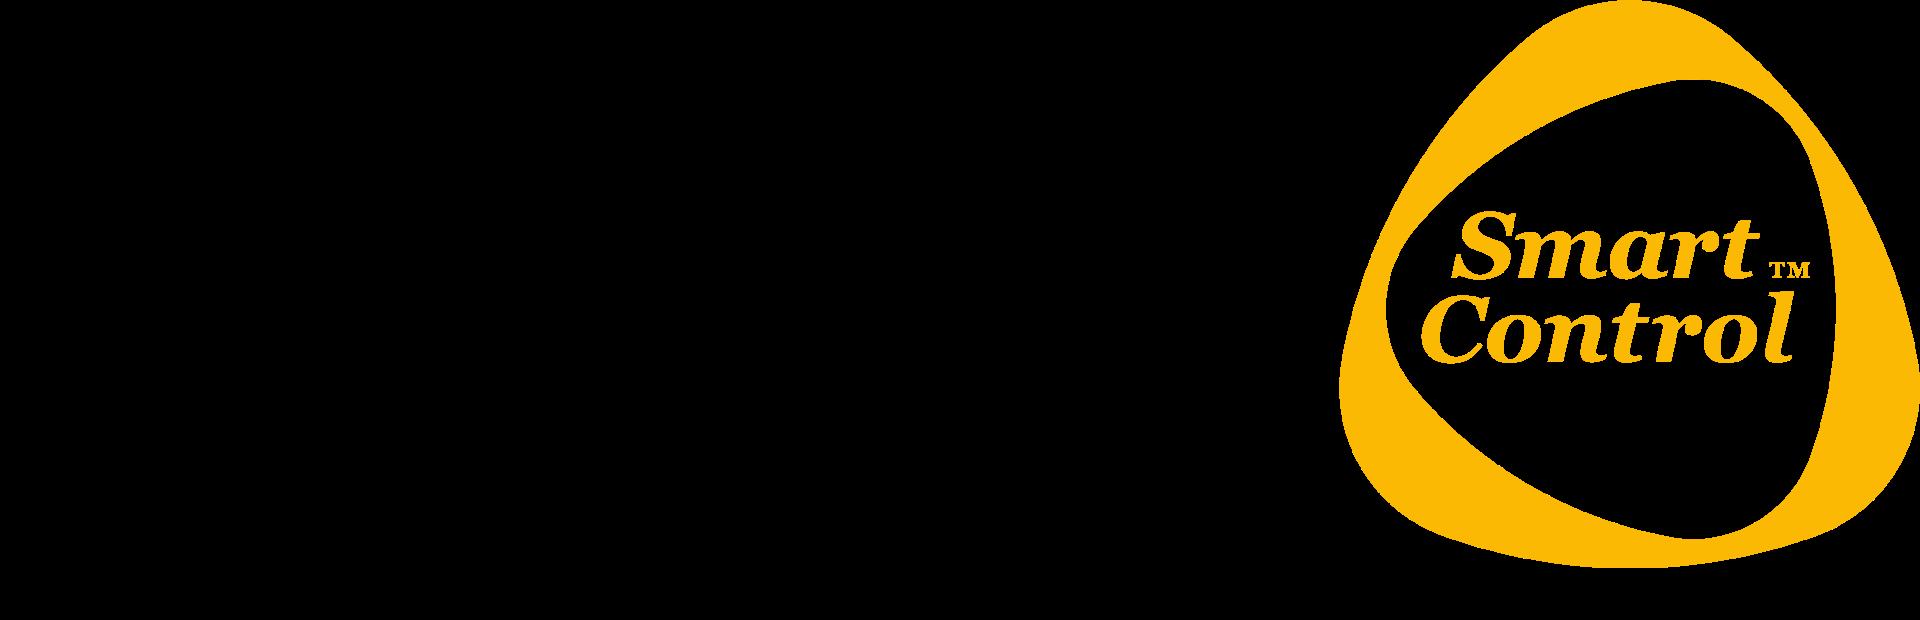 HWAM® SmartControl™ logo